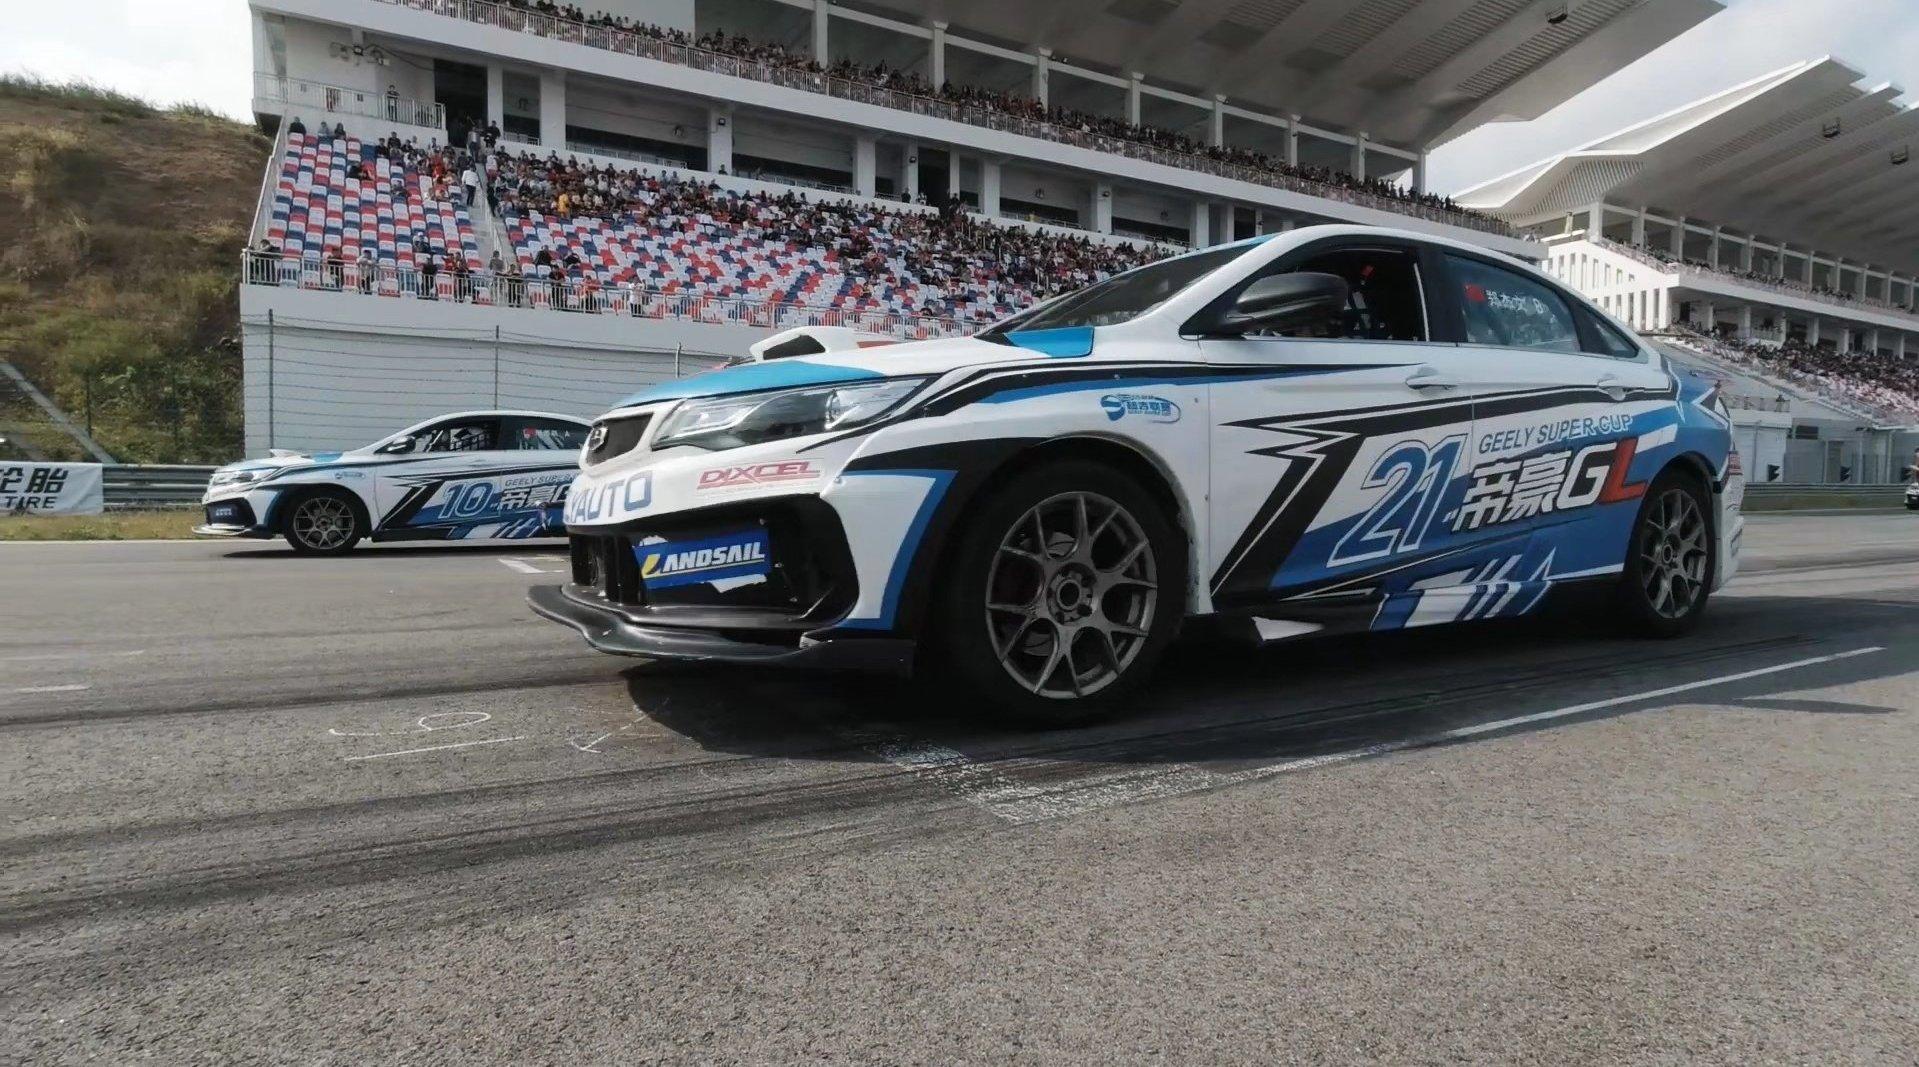 周末分秒汽车来到了宁波国际赛车场